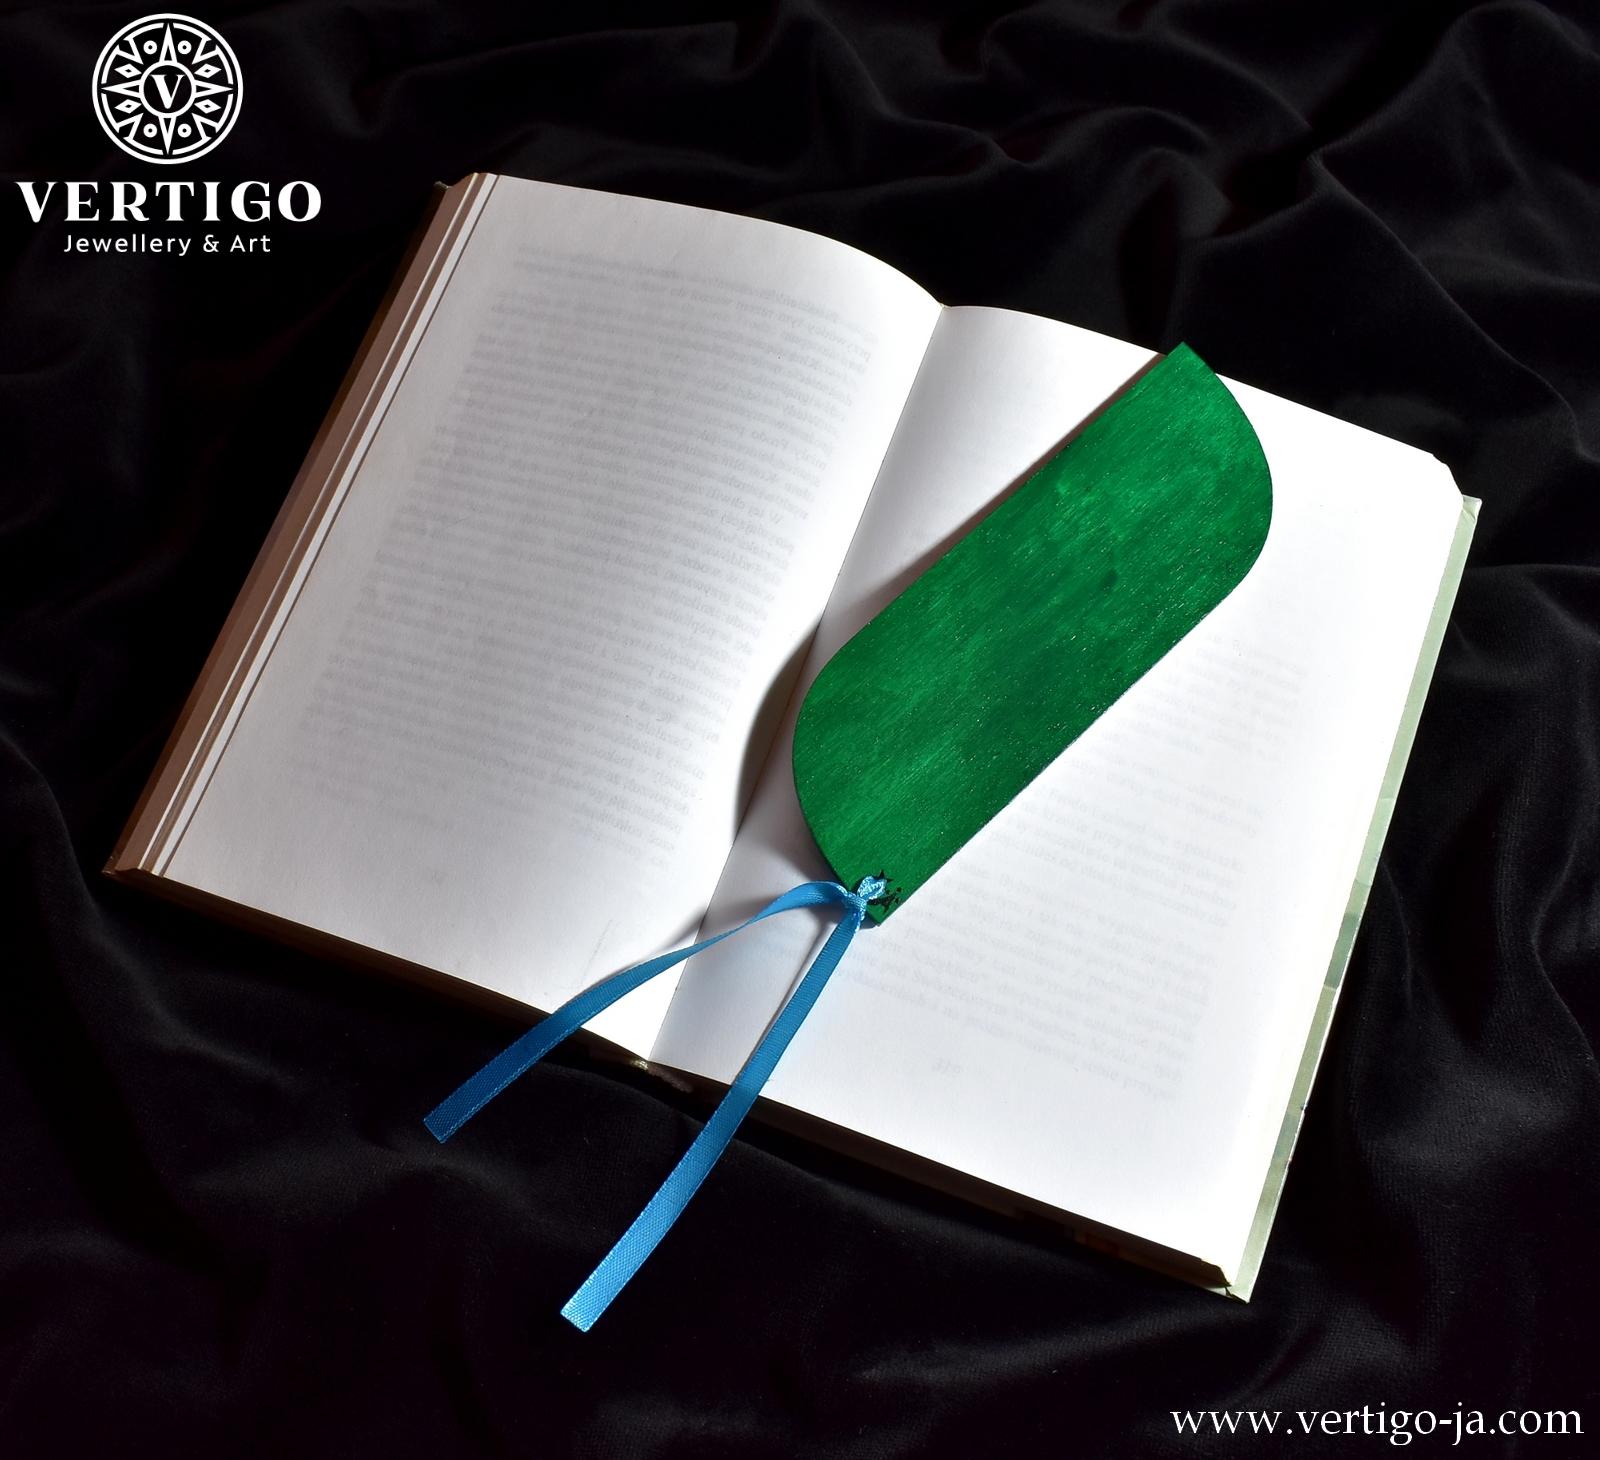 Tył drewnianej zakładki do książki z pawim piórem. Zielony kolor. Zakończona niebieska wstążką.